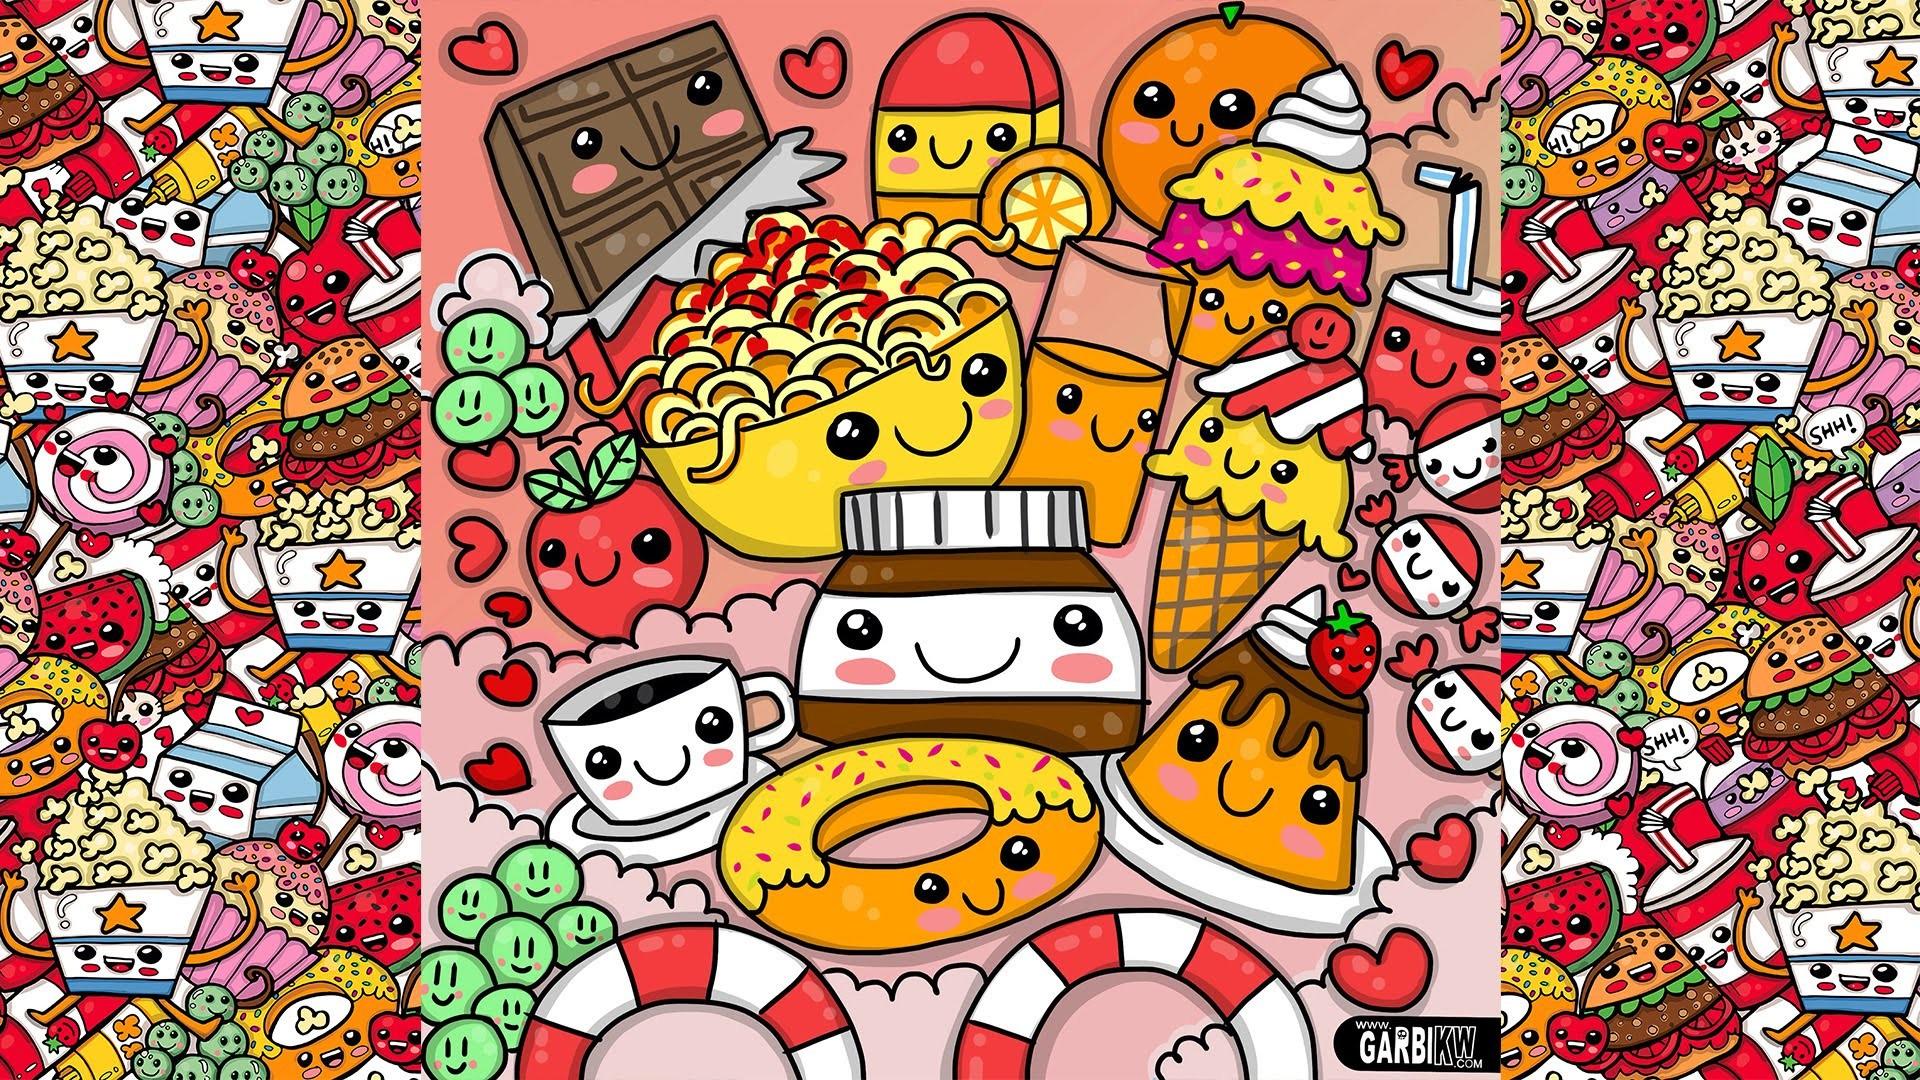 Res: 1920x1080, Cute Food Wallpaper Desktop